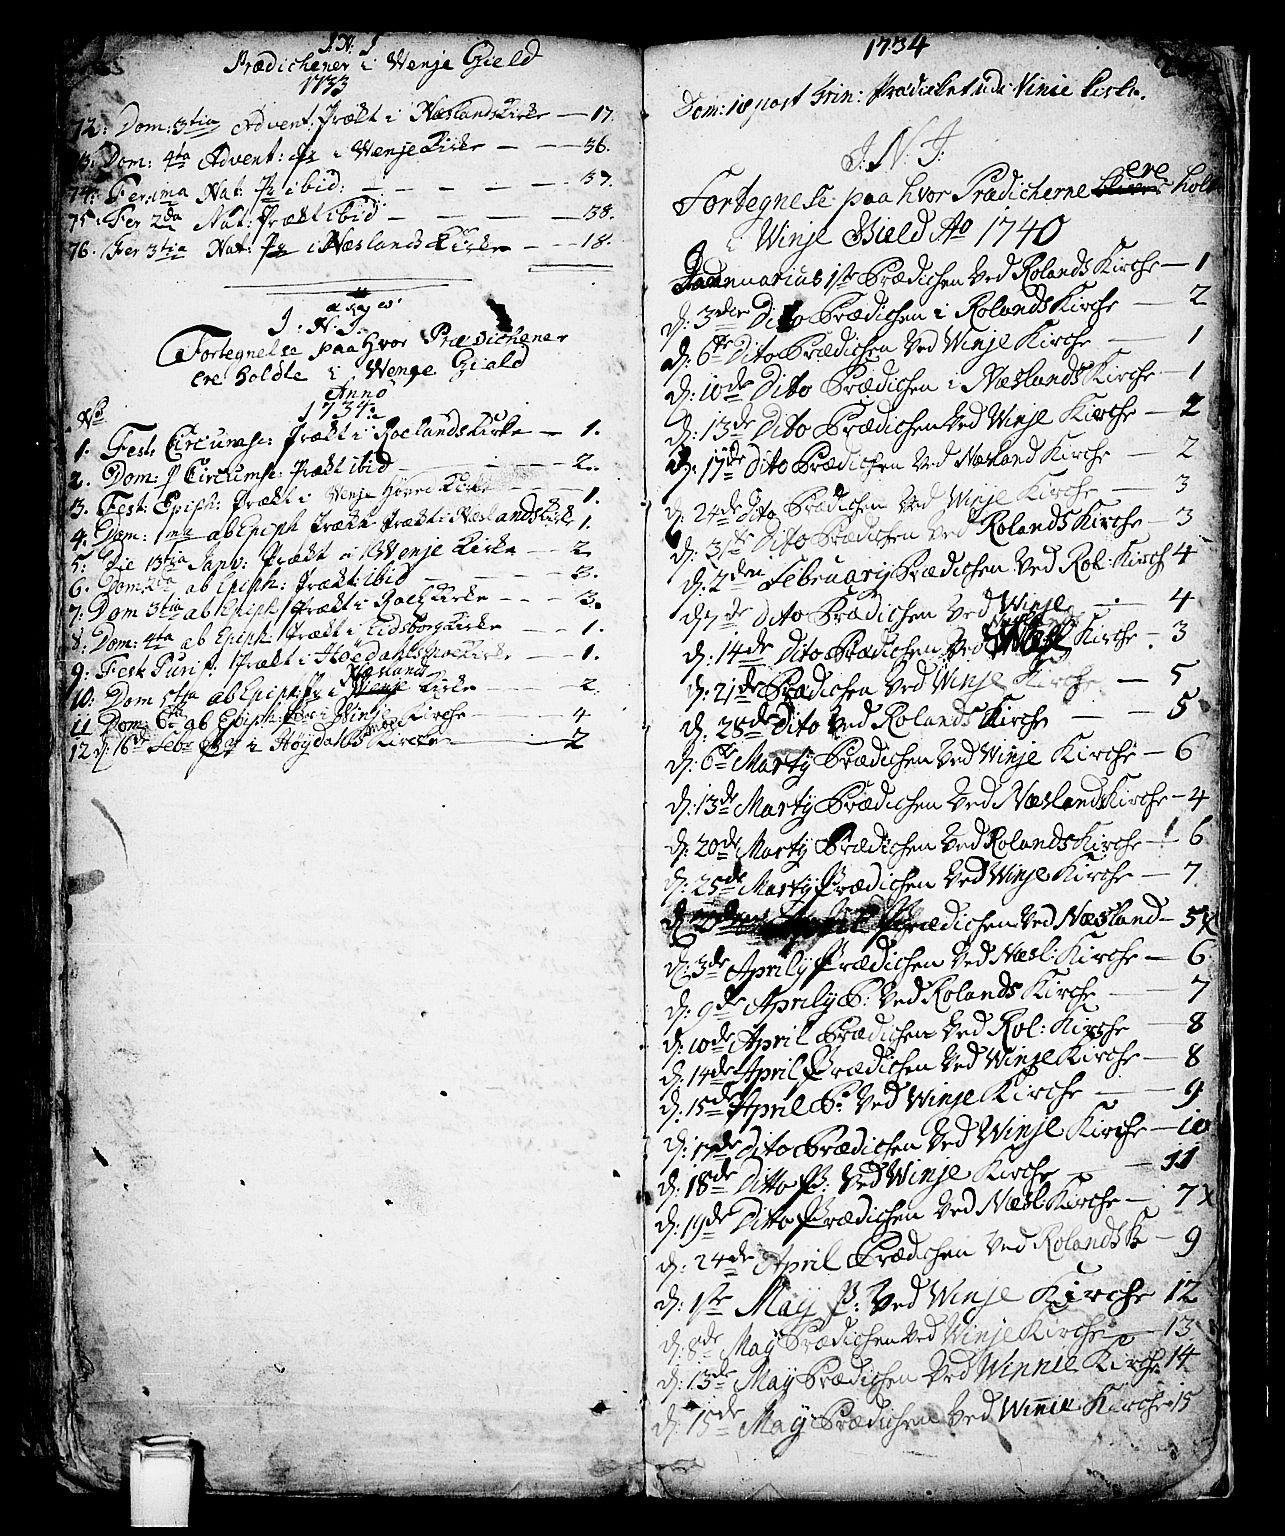 SAKO, Vinje kirkebøker, F/Fa/L0001: Ministerialbok nr. I 1, 1717-1766, s. 254